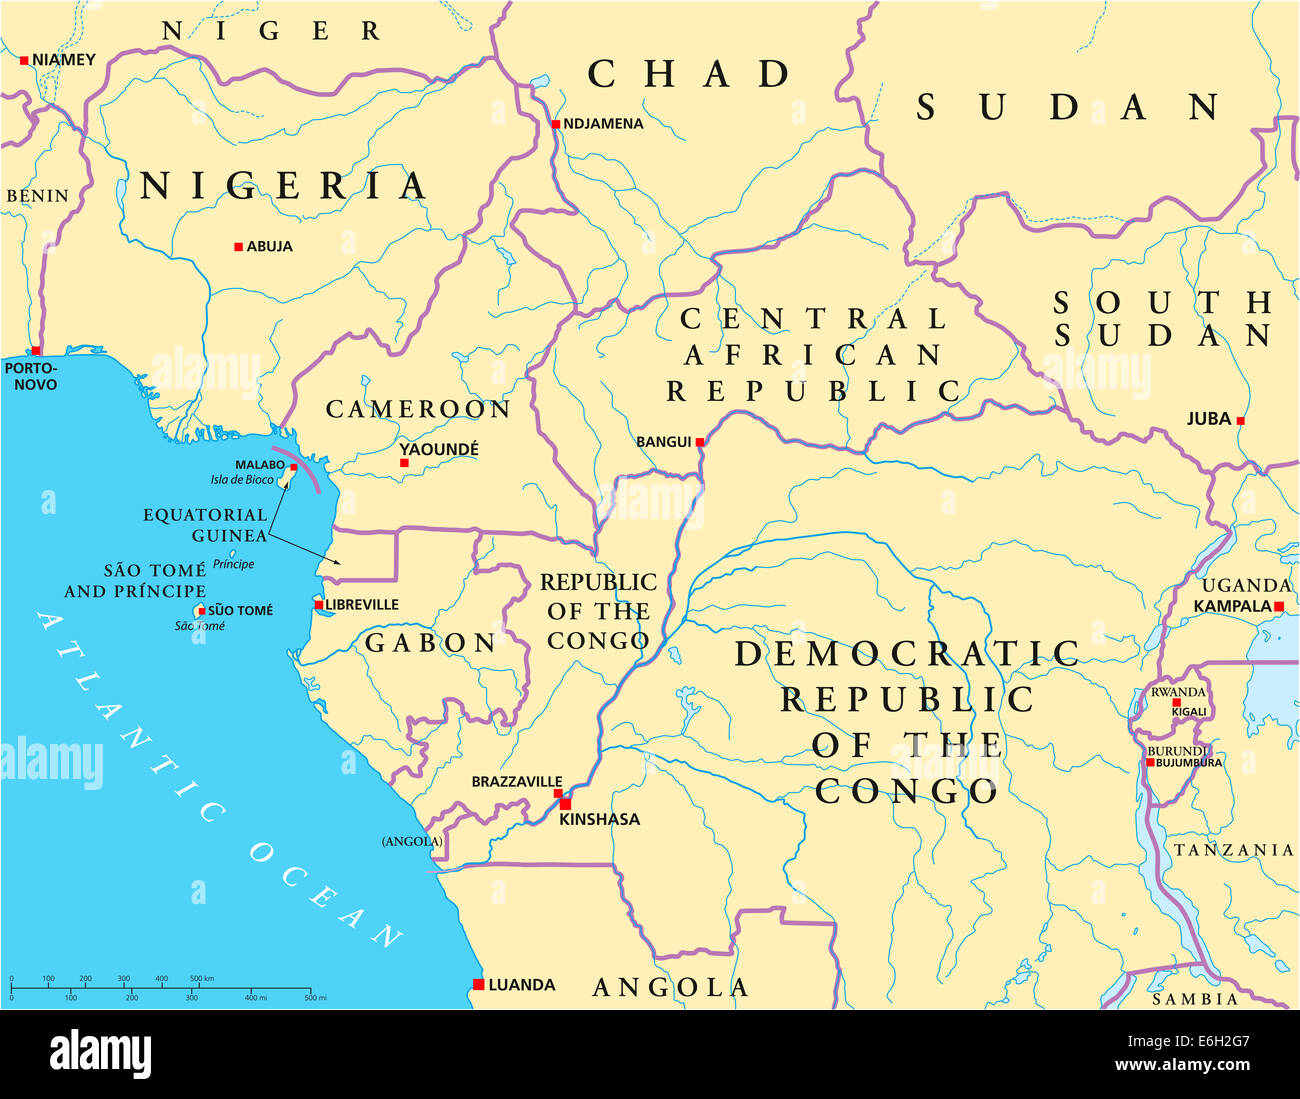 L'ouest de l'Afrique Centrale une carte politique avec les capitales, les frontières nationales, les rivières et Banque D'Images